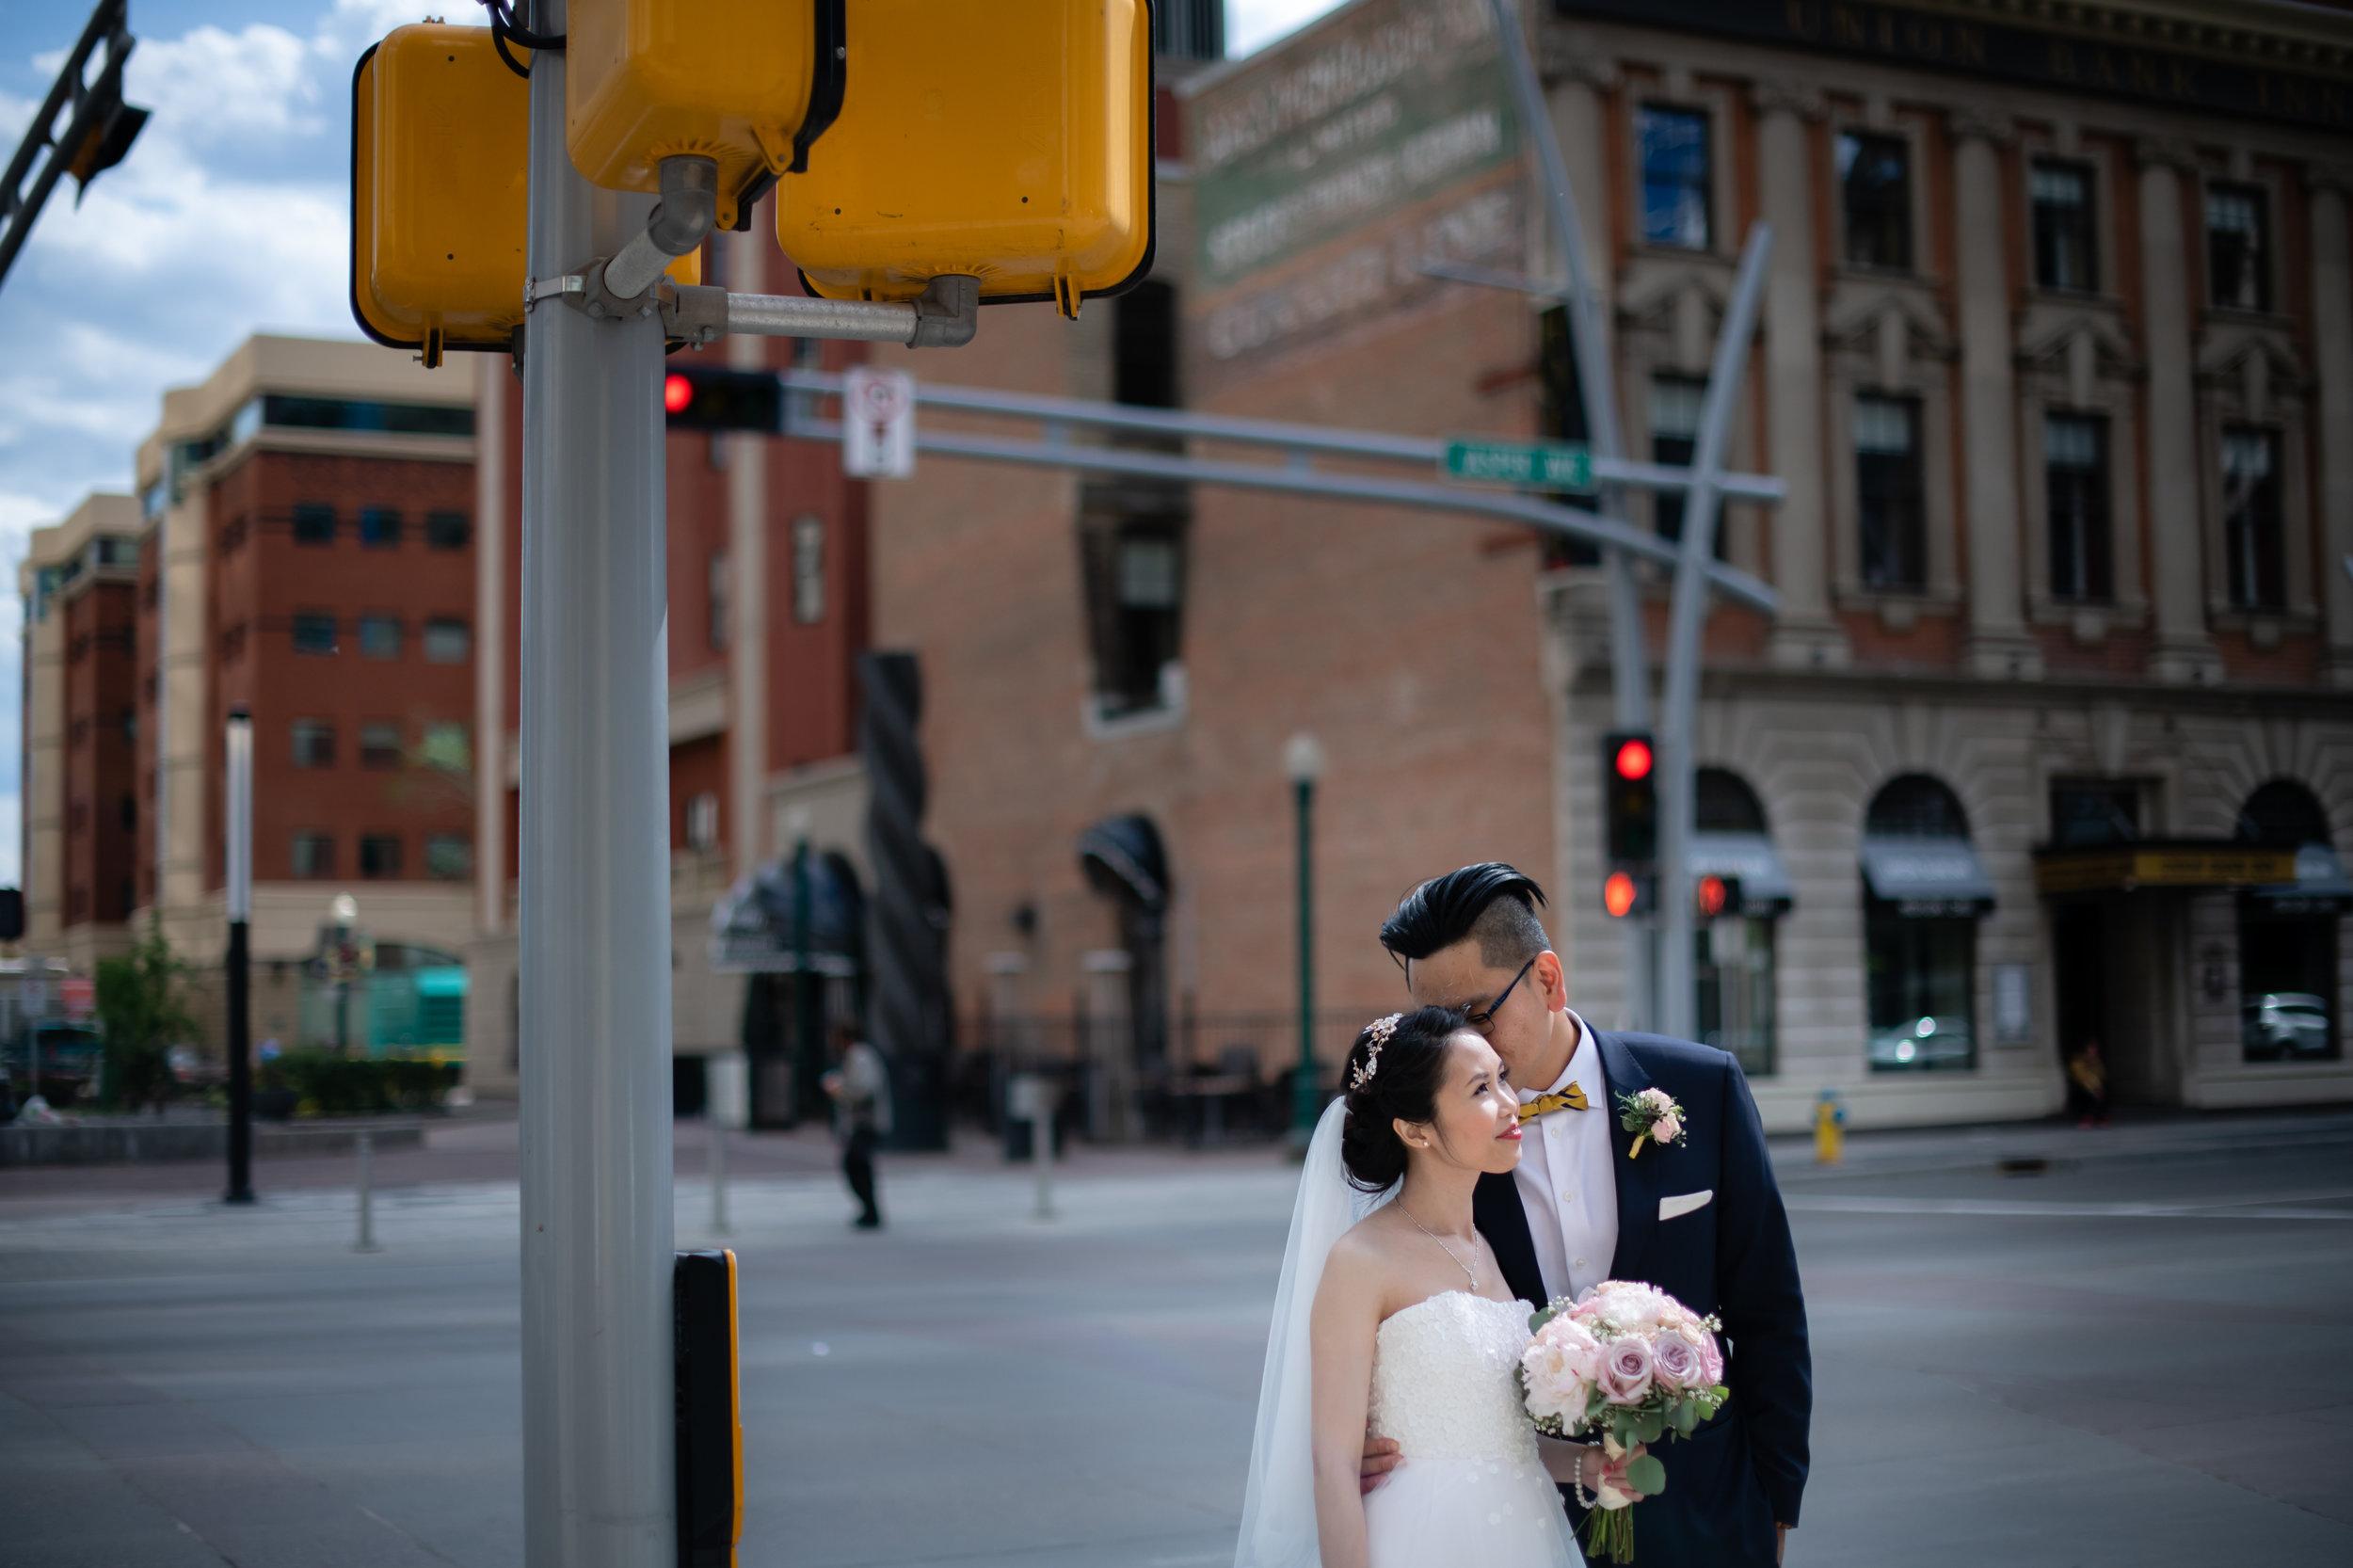 Selina_Chris_Wedding_Sneak_Peek_064.jpg